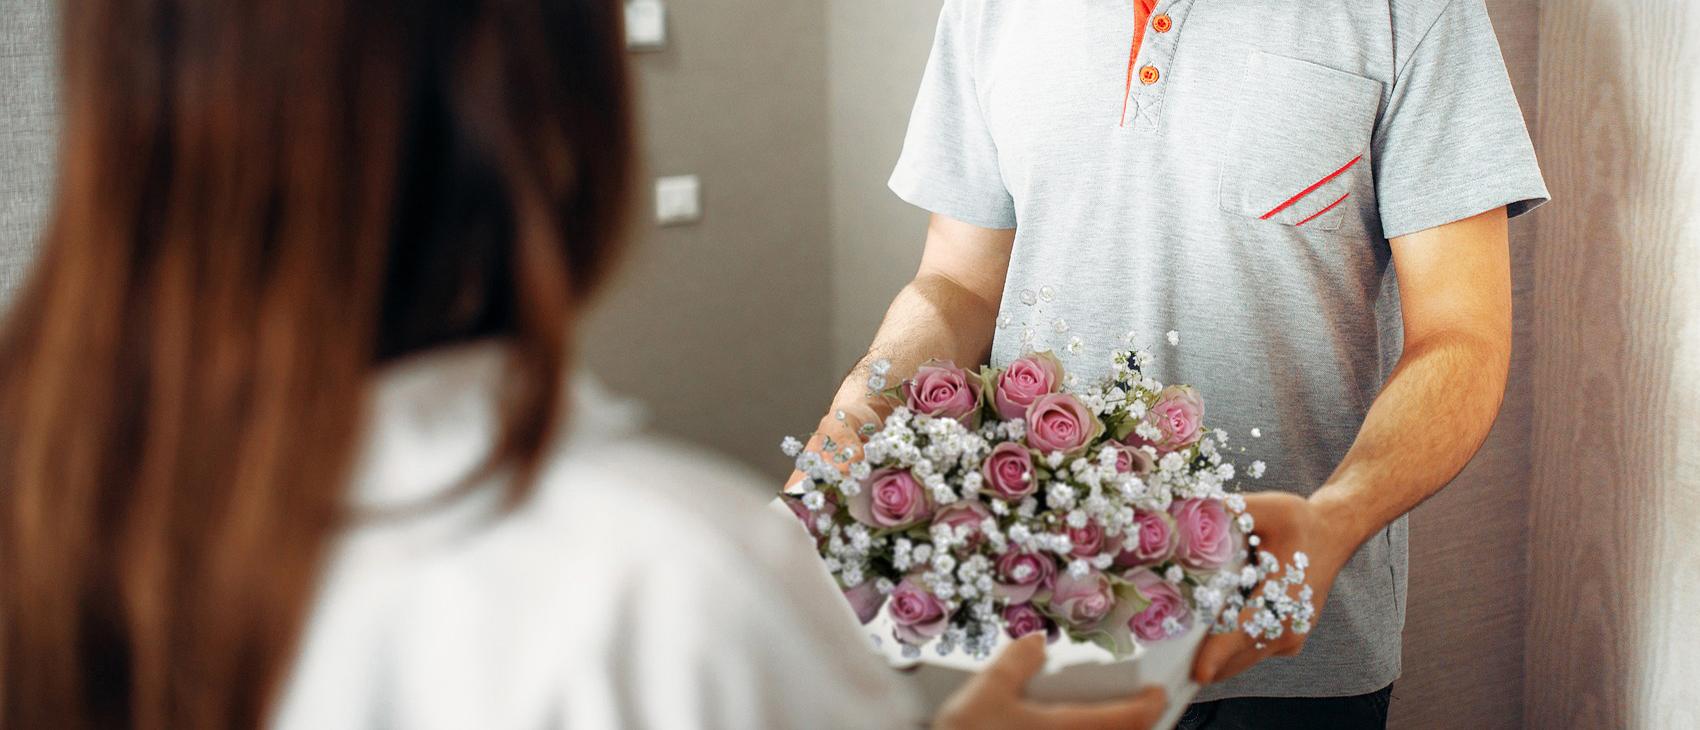 Livraison de fleurs, expédition et transmission florale